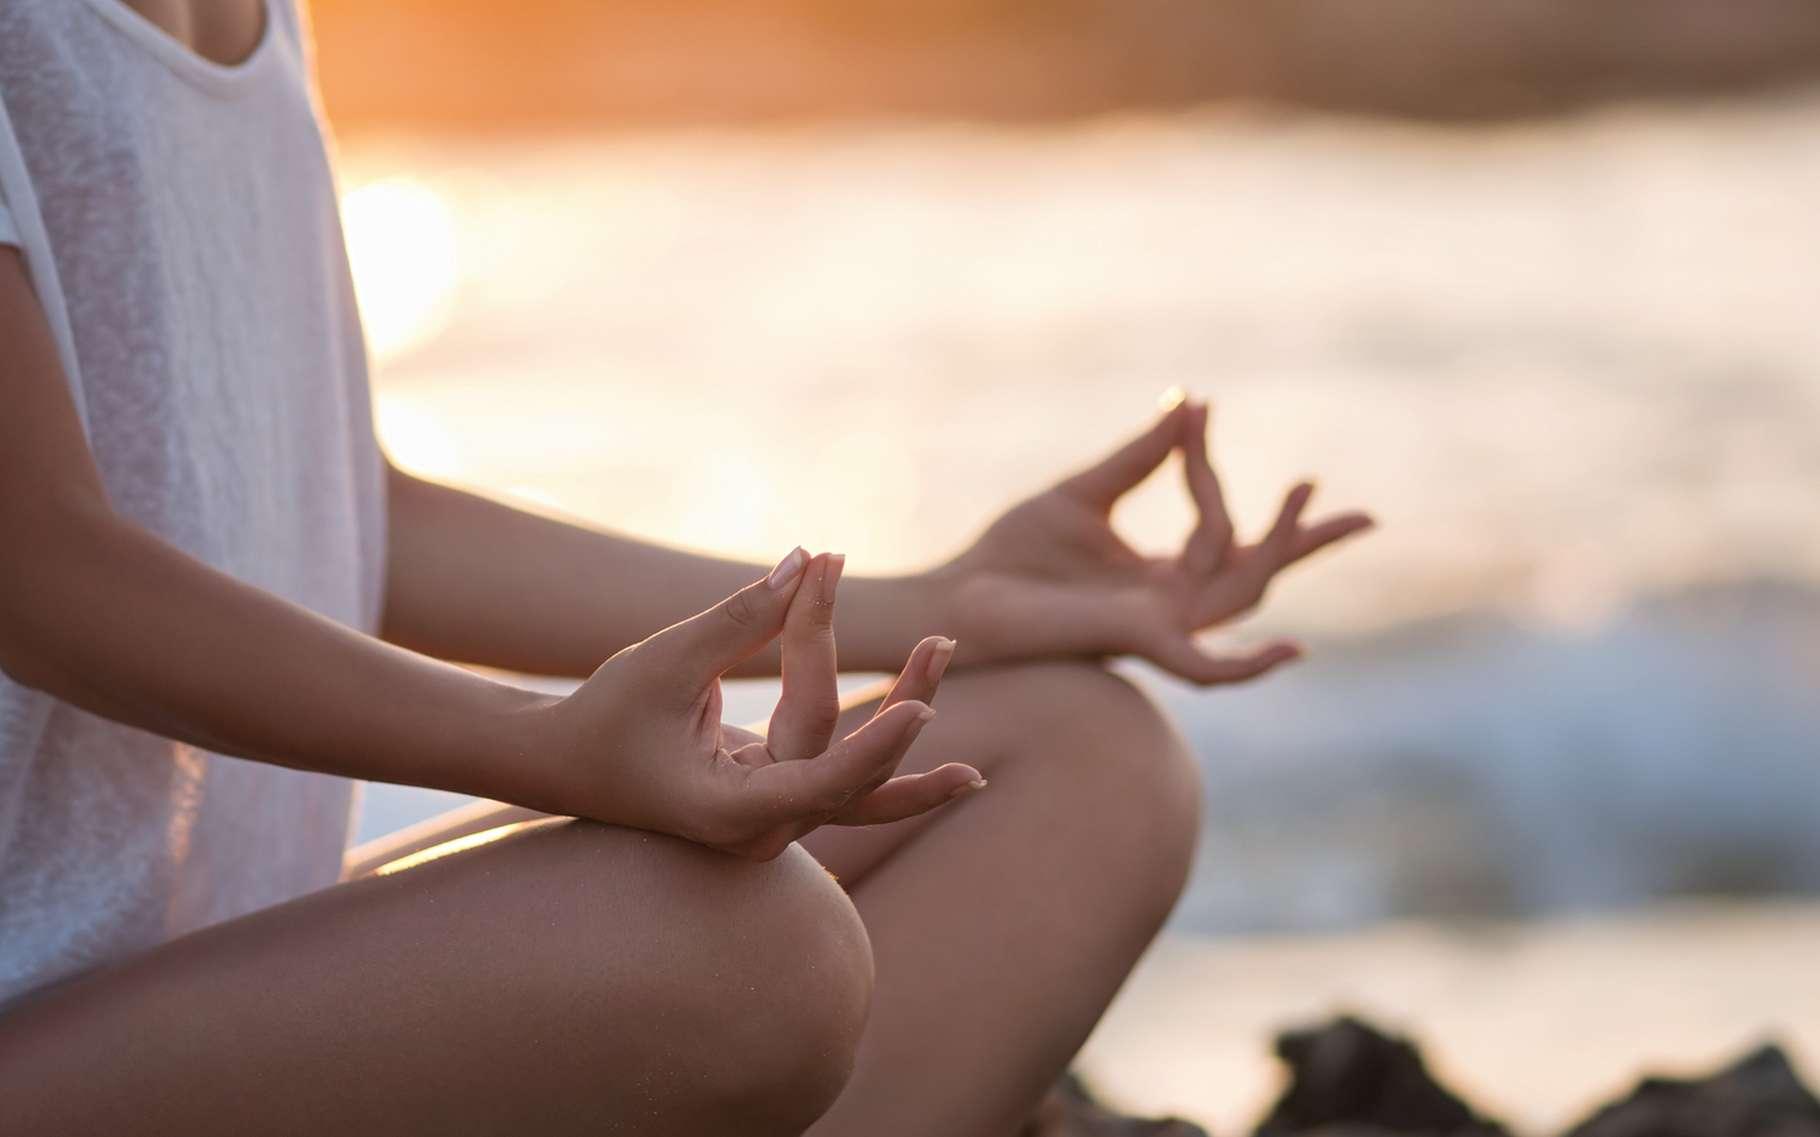 La méditation agirait sur notre cerveau. Permet-elle d'améliorer notre bien-être mental et physique ? © LuckyImages, Shutterstock